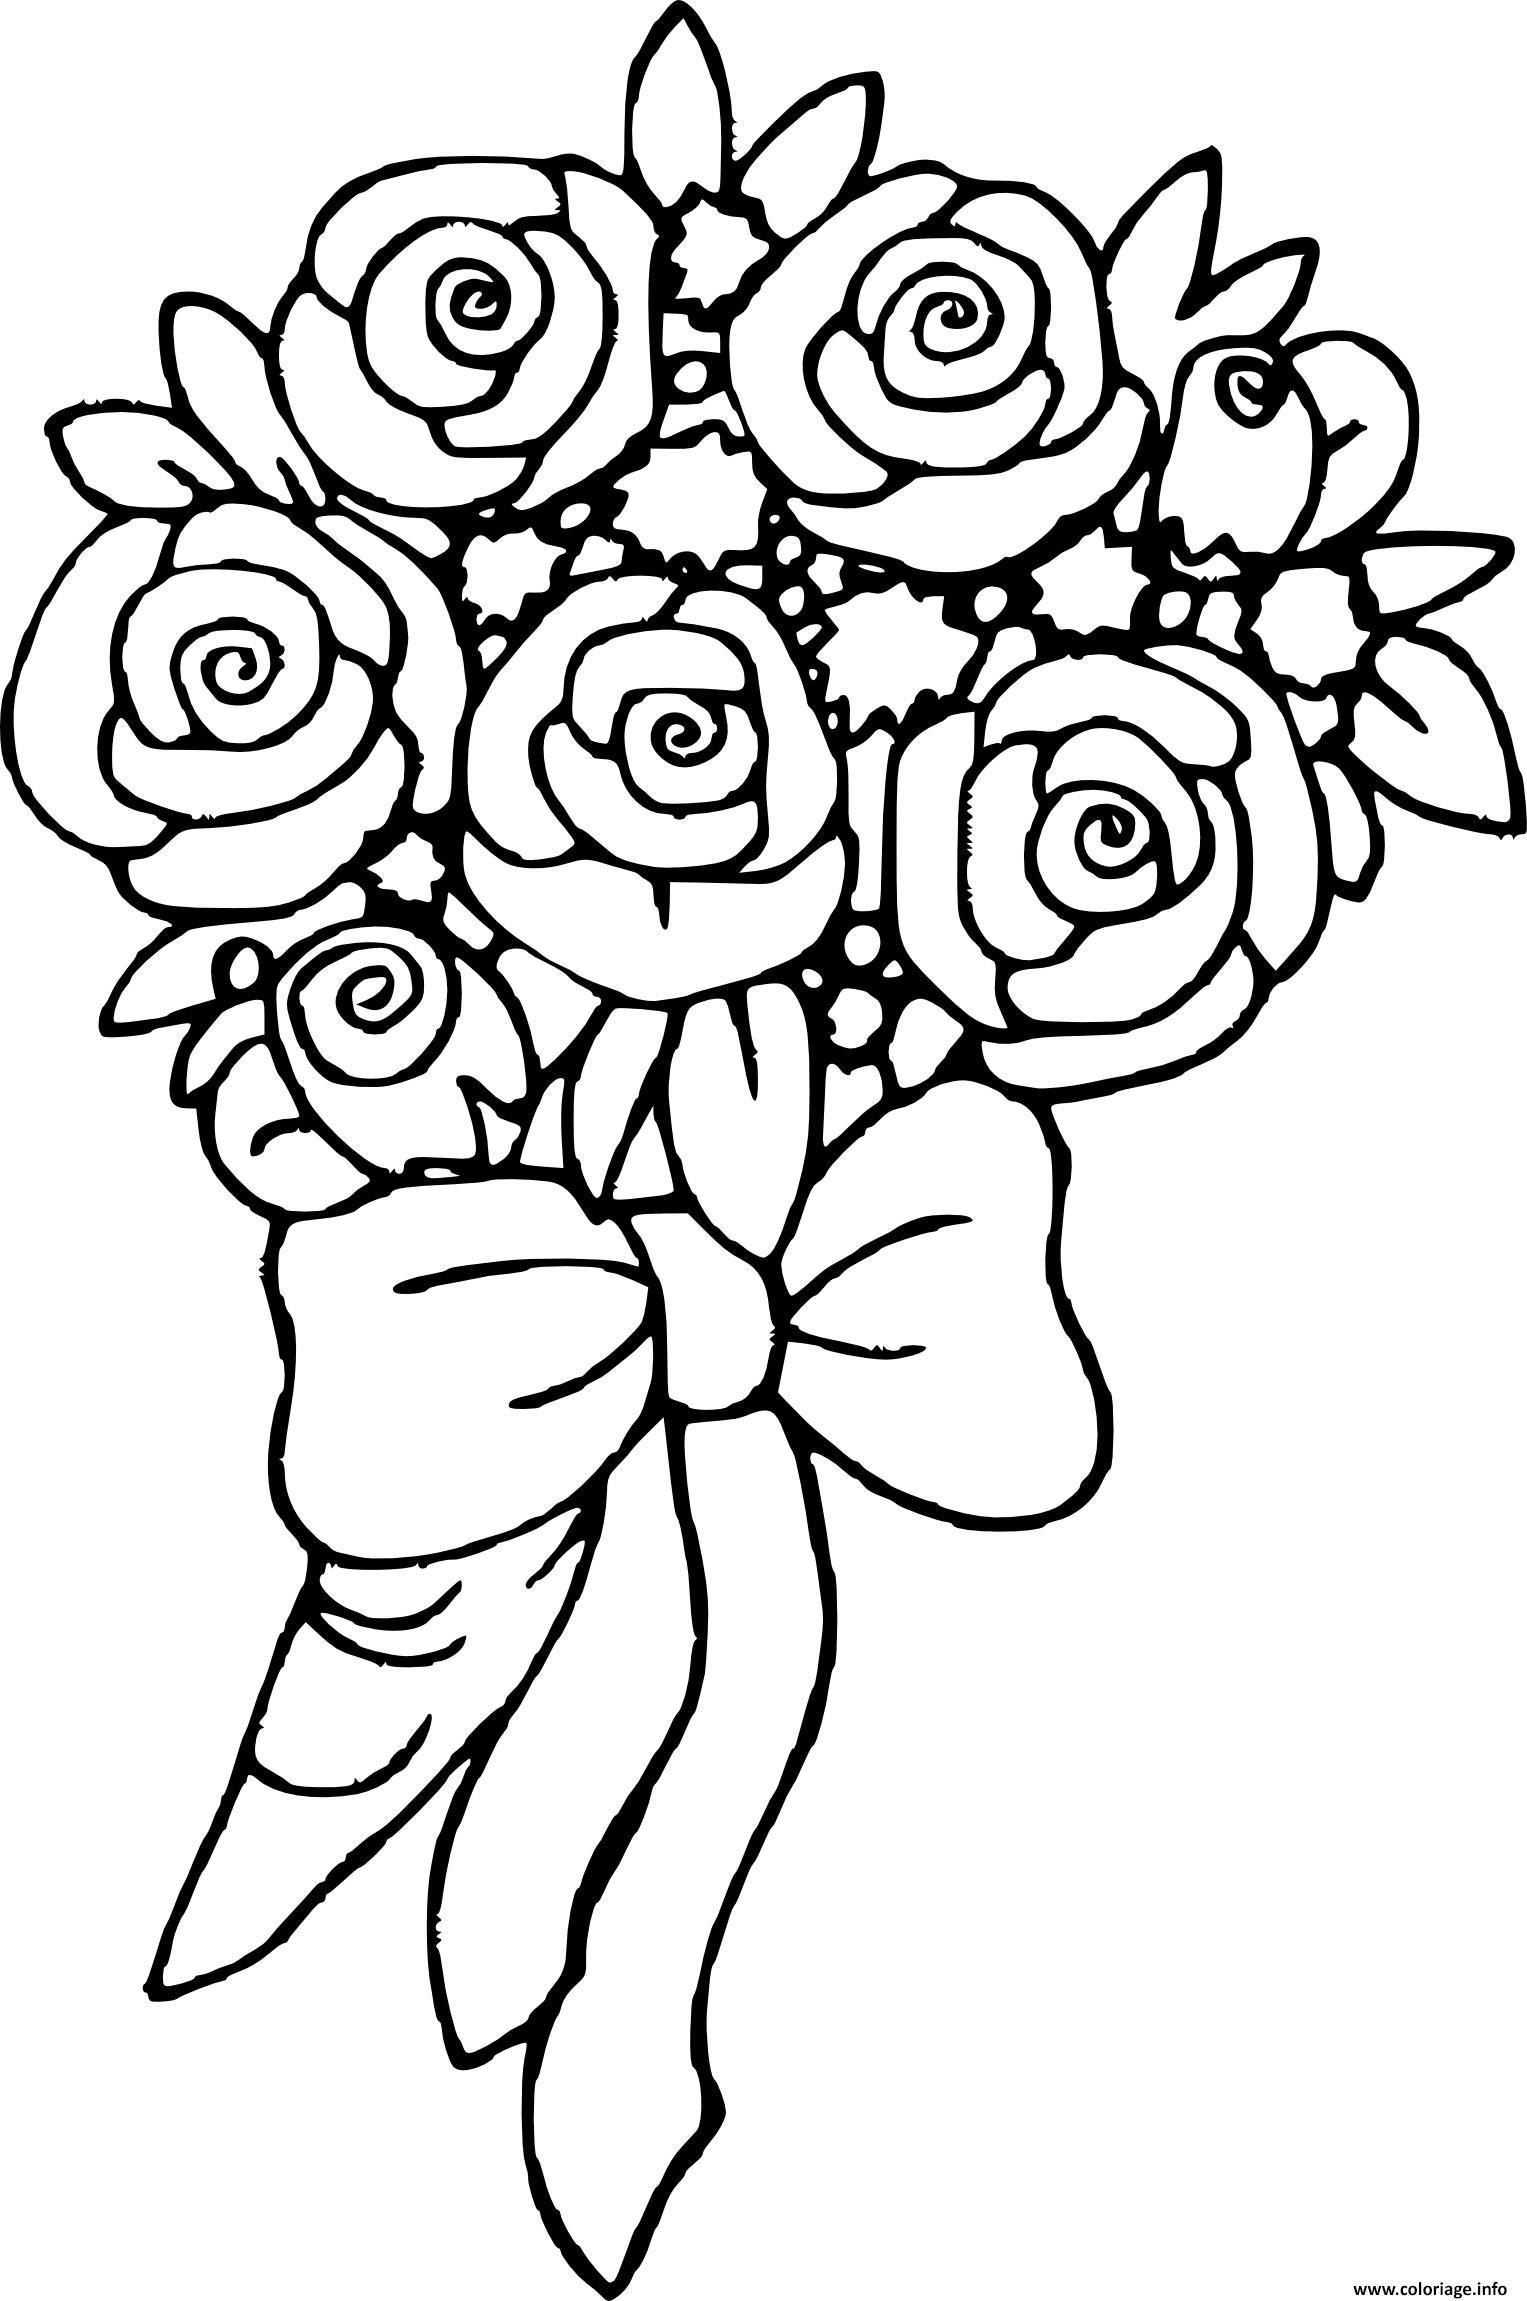 Dessin bouquet de fleurs rose Coloriage Gratuit à Imprimer